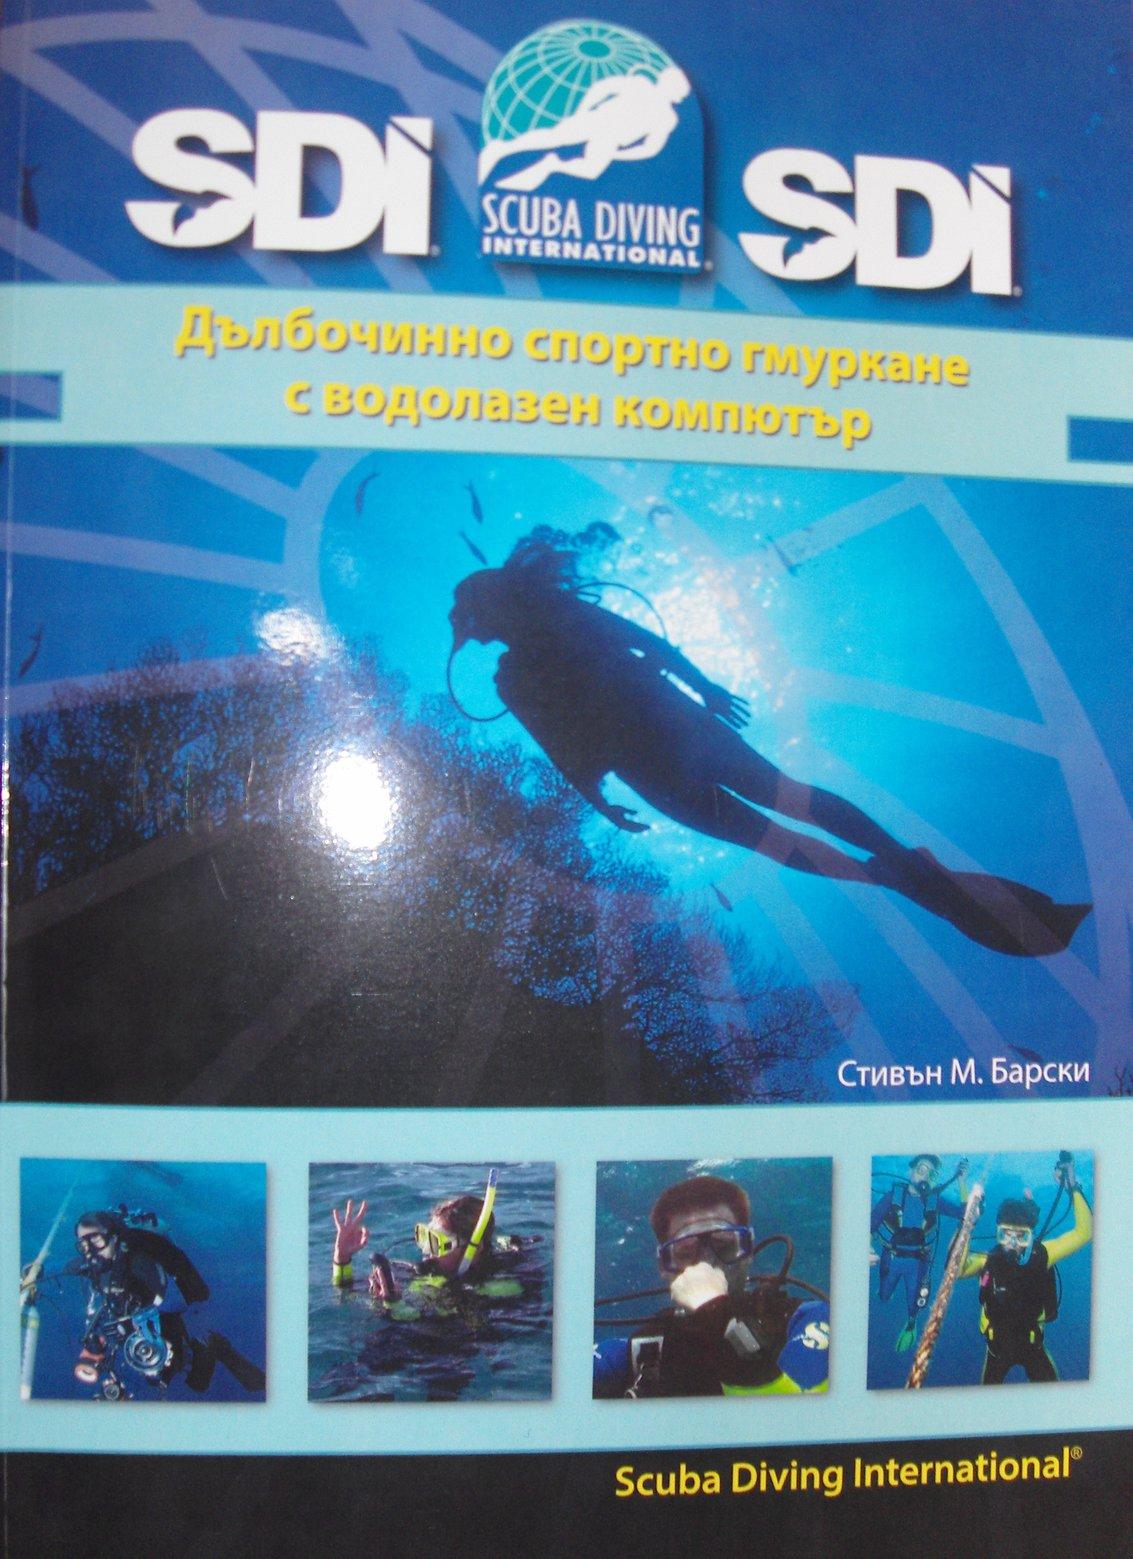 SDI Дълбочинно спортно гмуркане с водолазен компютър ( Deep Diving ) - учебник на български език